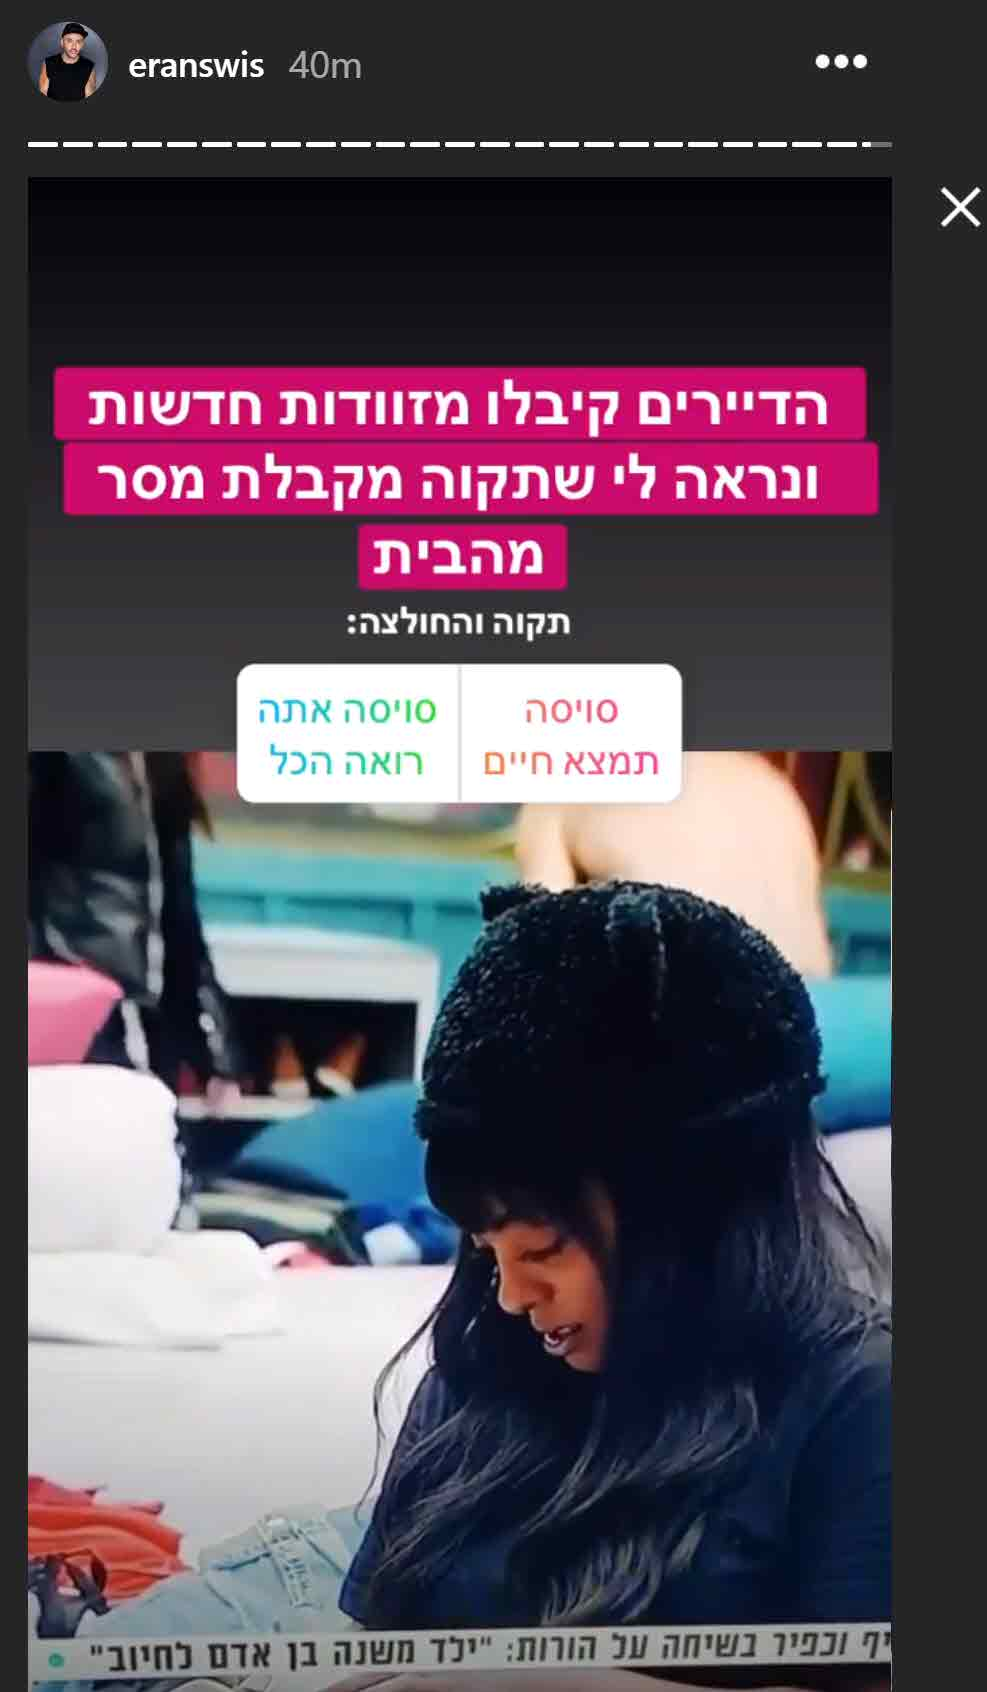 כתב הבידור של ישראל היום - ערן סויסה העלה את אותה השאלה